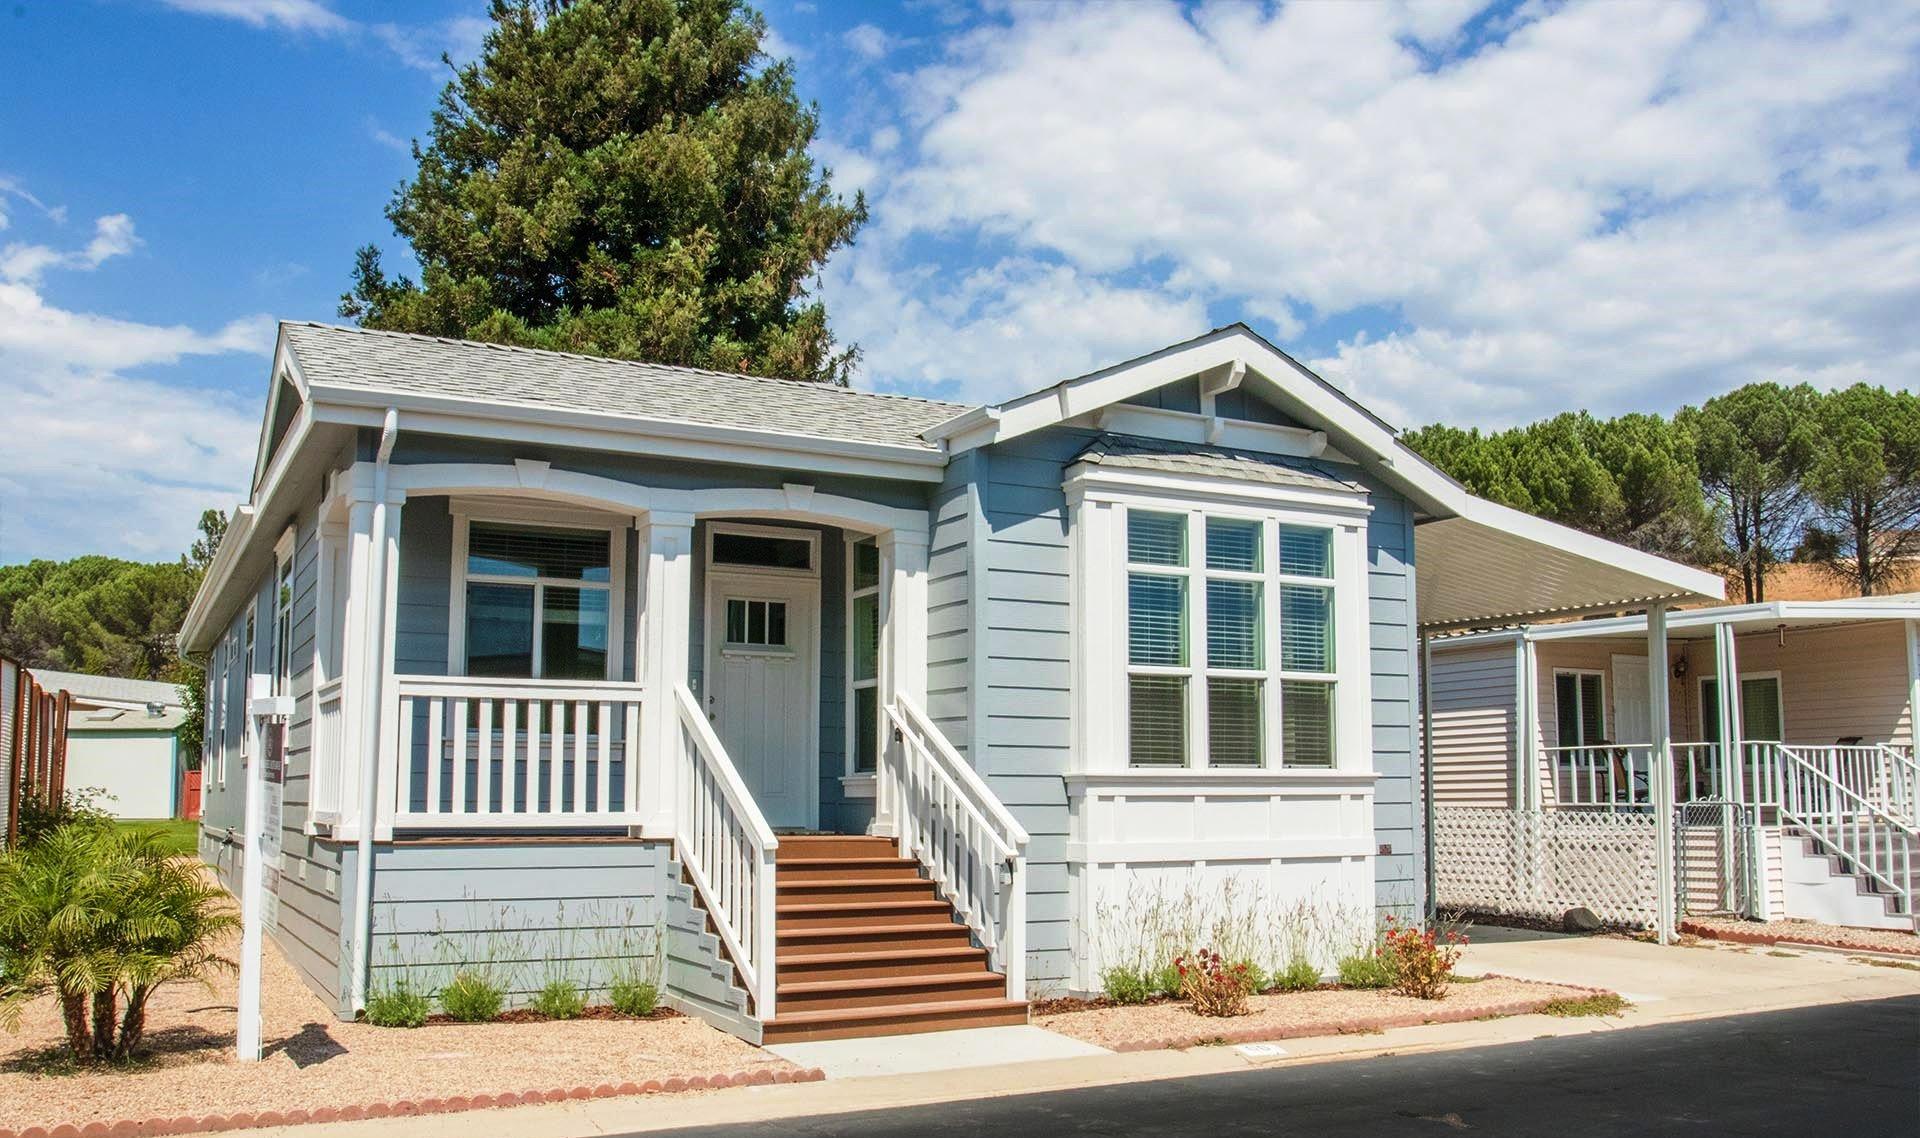 manufactured homes hemet ca m w home sales. Black Bedroom Furniture Sets. Home Design Ideas